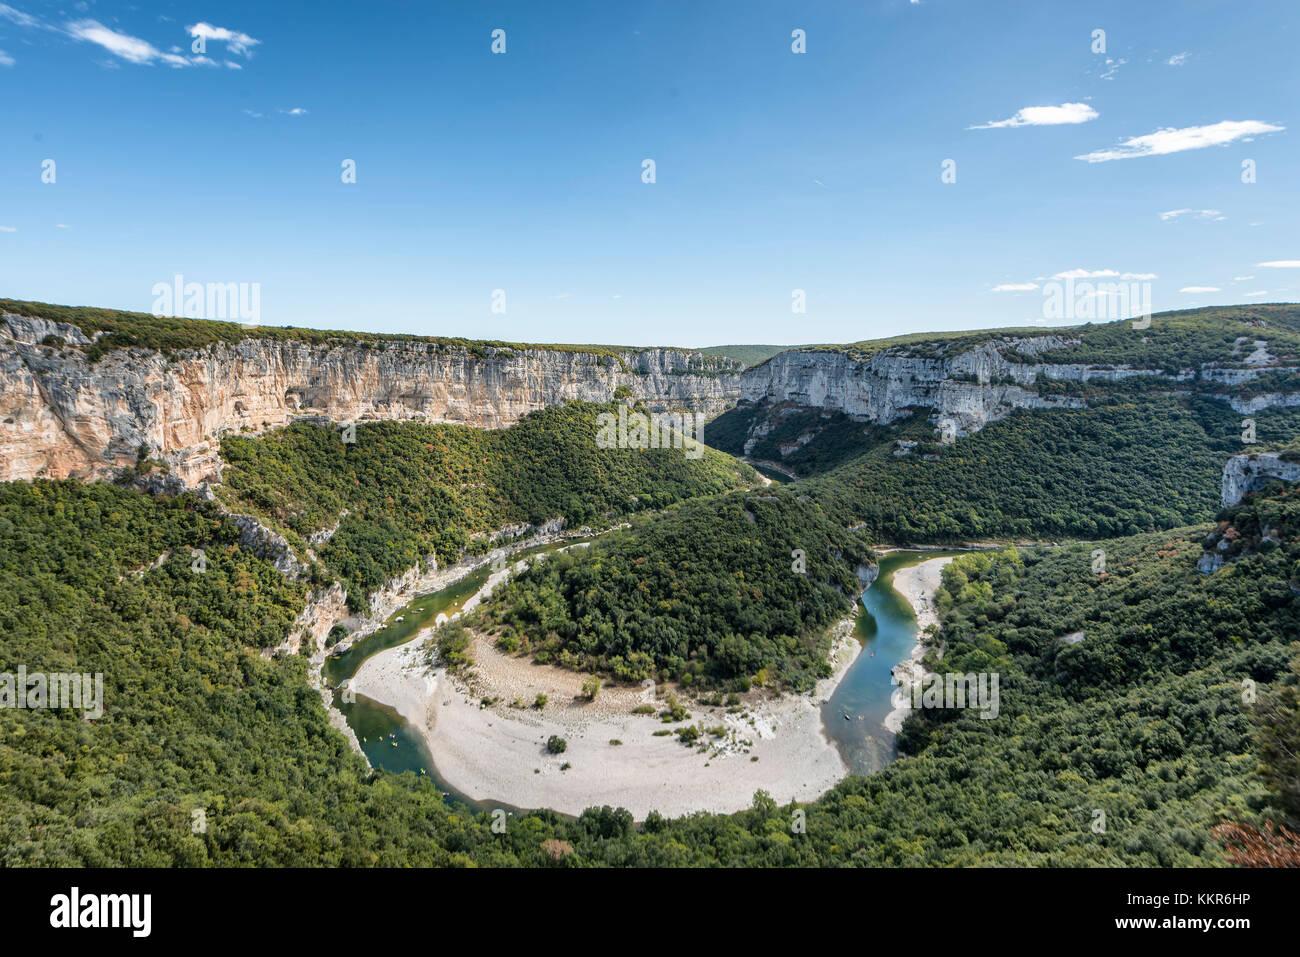 France,  Rhône-Alpes, Ardèche, Saint-Martin-d'Ardèche, Gorges de l'Ardèche, view at - Stock Image